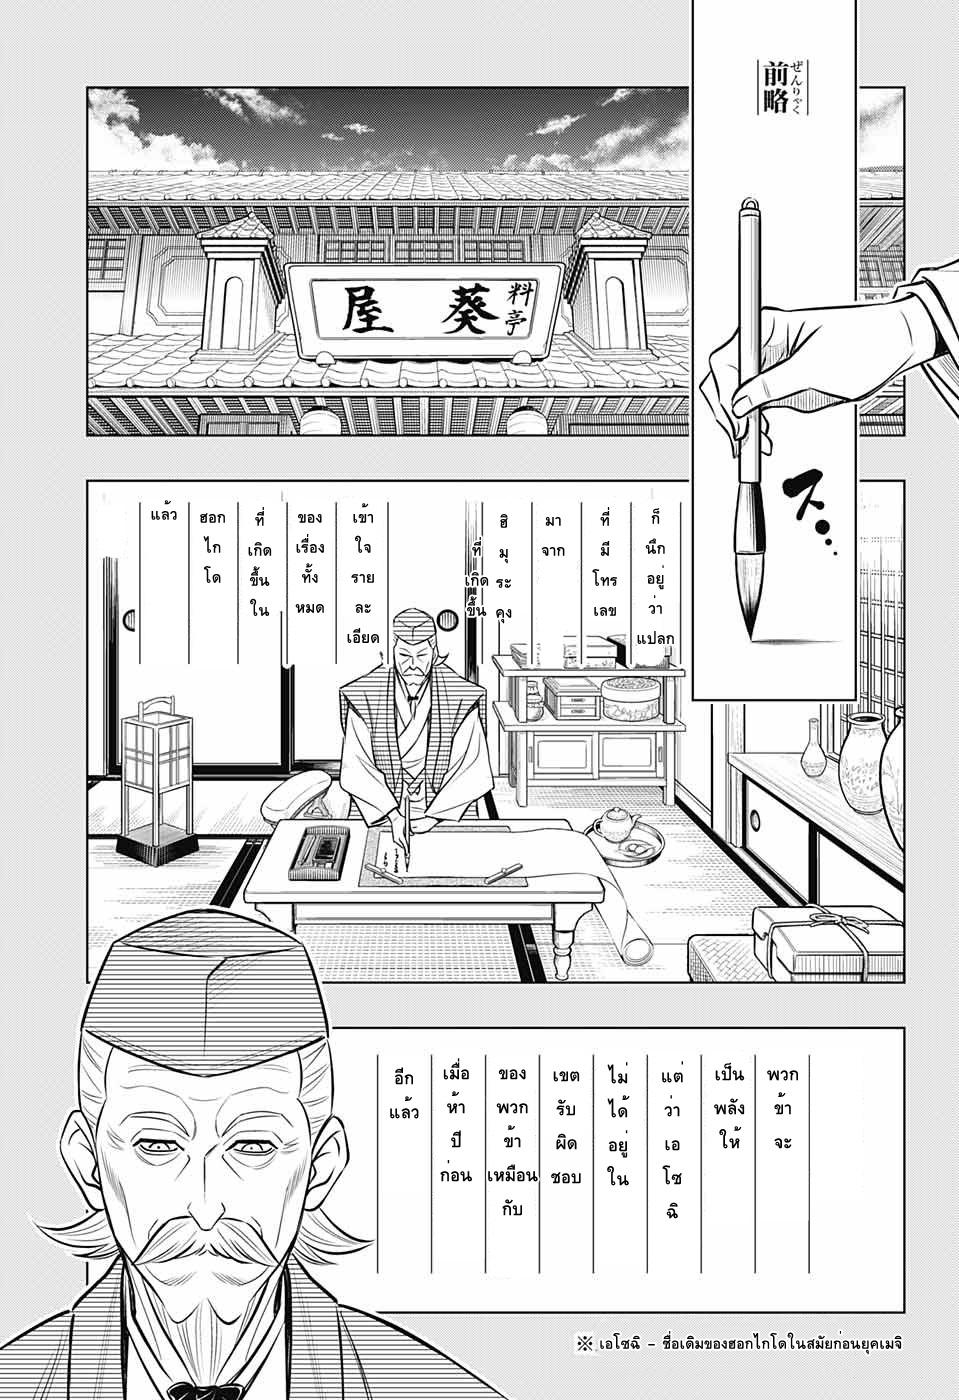 อ่านการ์ตูน Rurouni Kenshin: Hokkaido Arc ตอนที่ 13 หน้าที่ 3